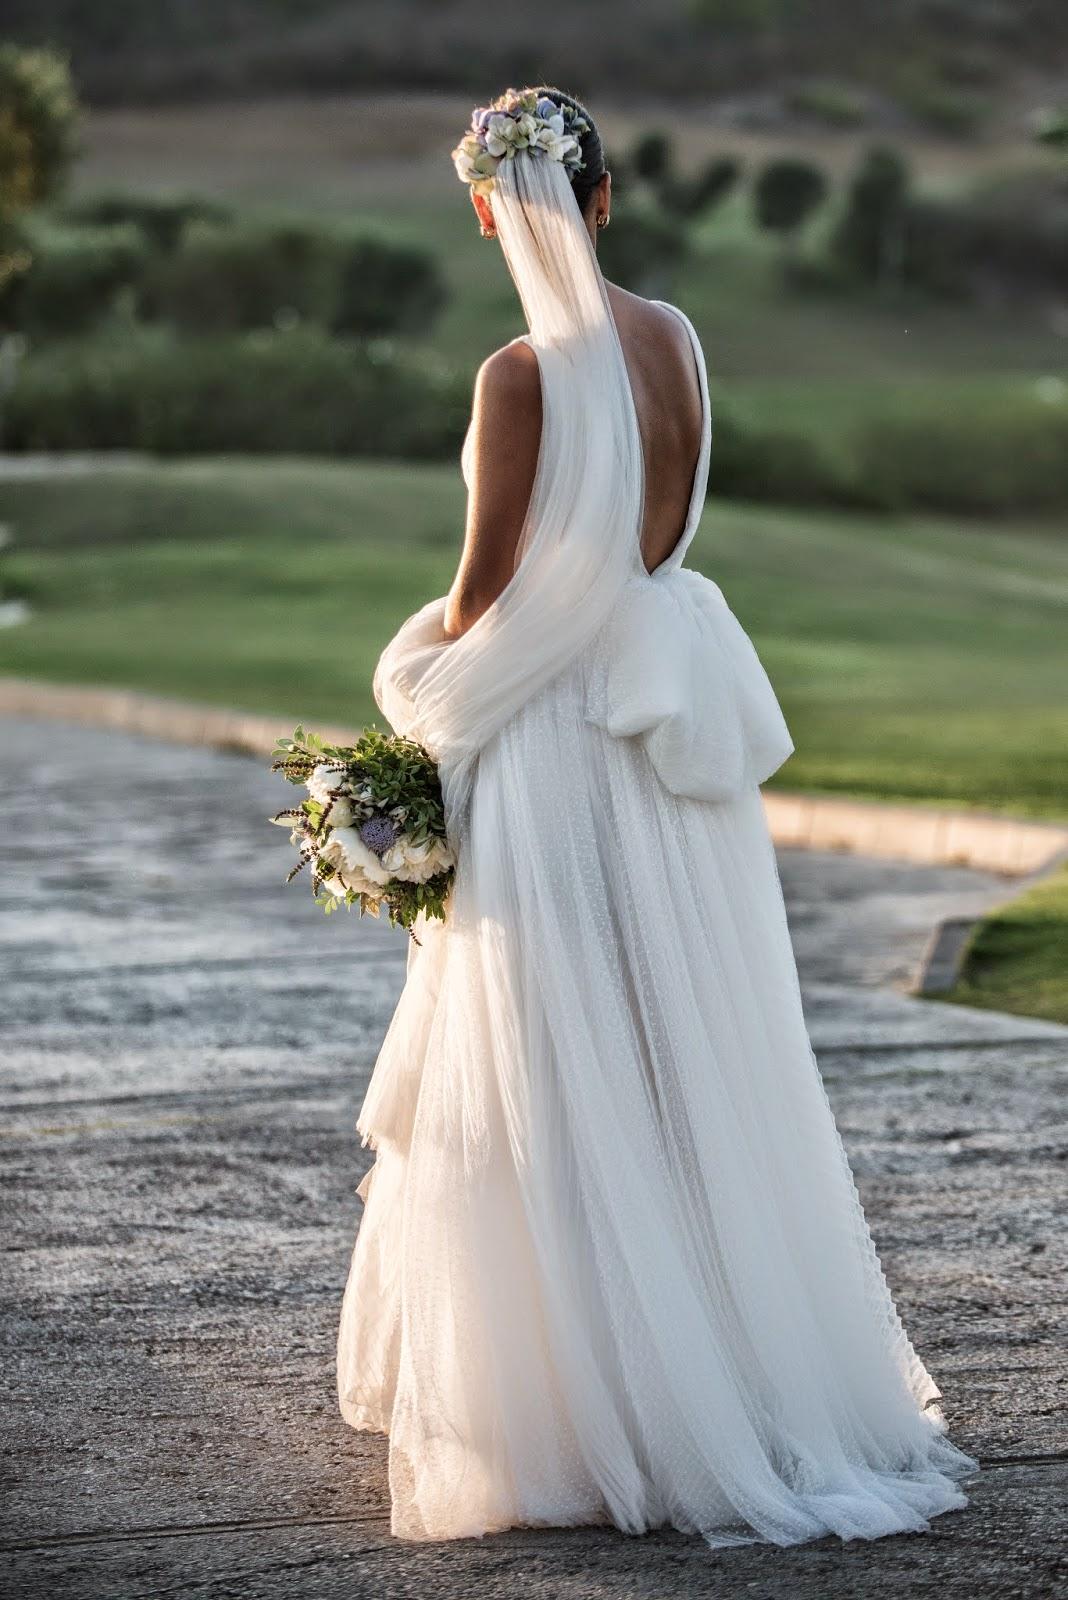 BODAS DE ALTA COSTURA: La elegancia y la calidad marcan el estilo de ...